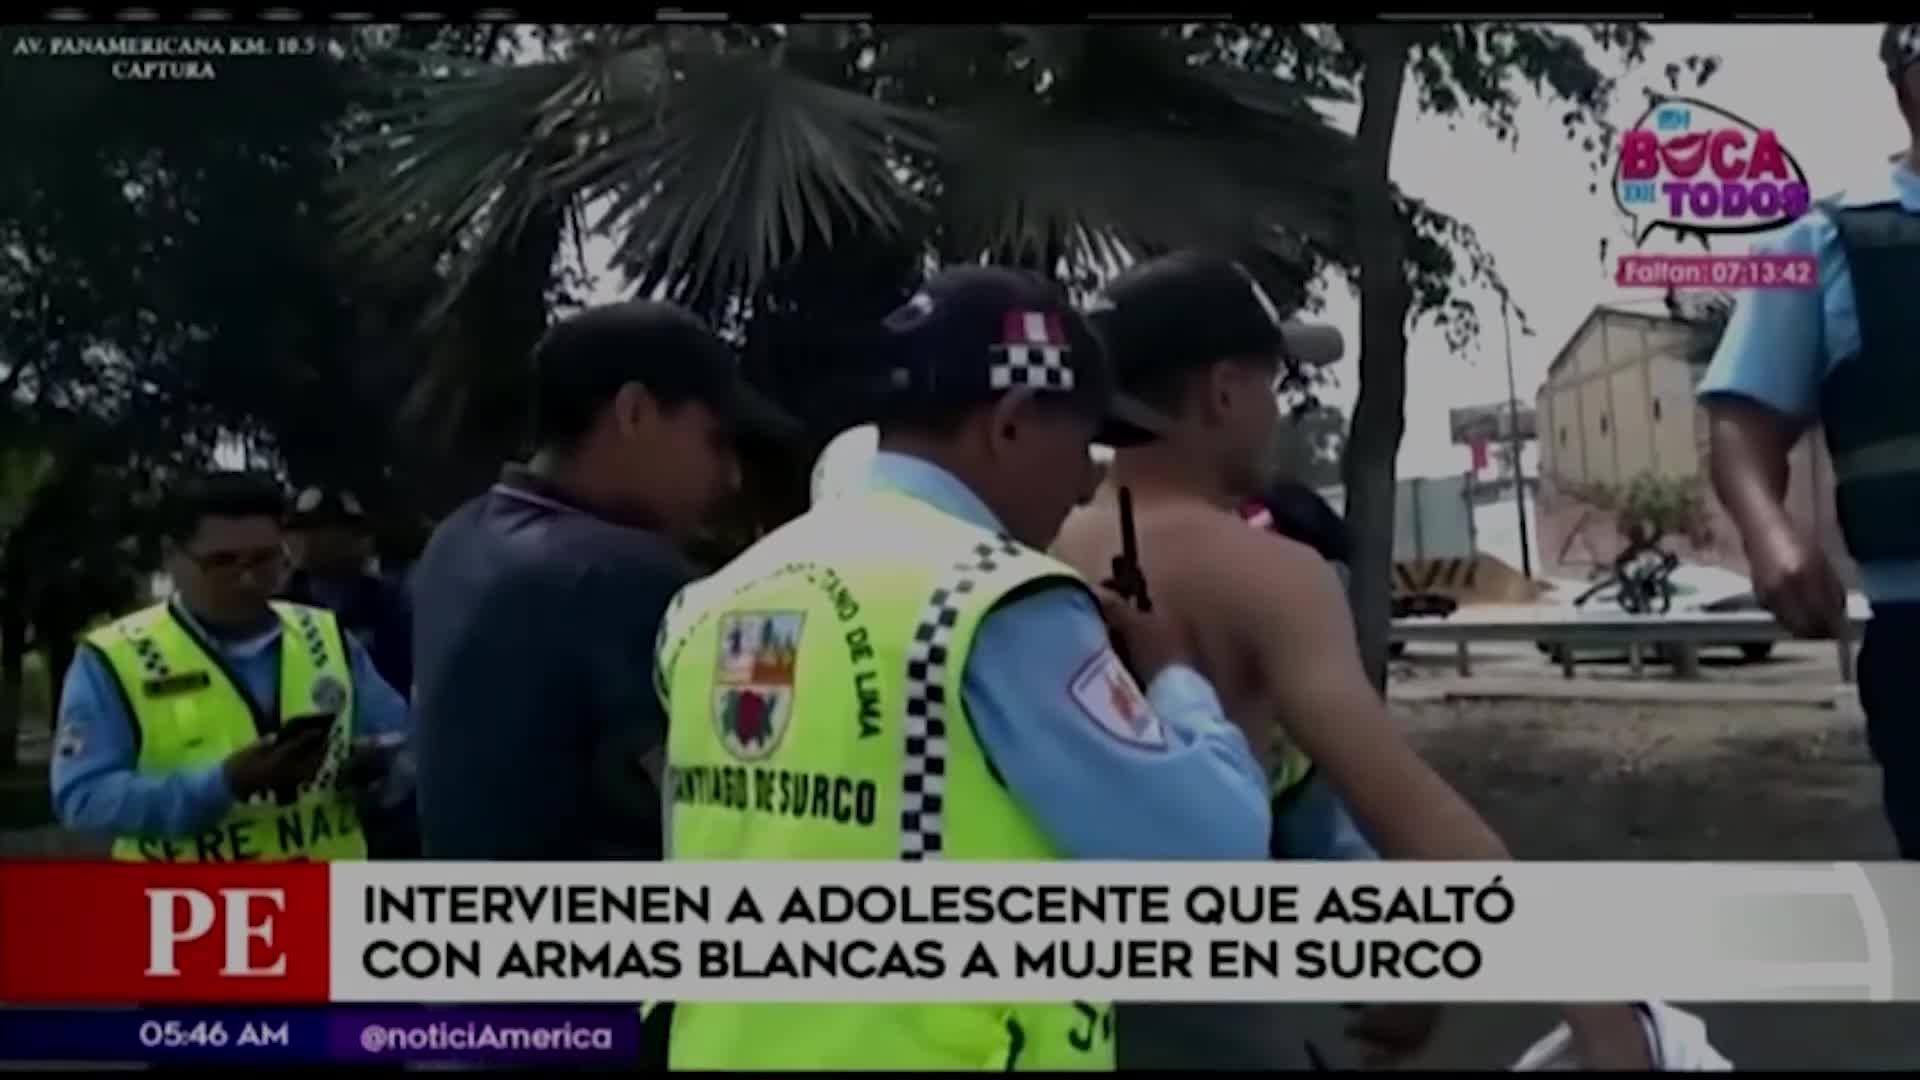 Surco: Adolescente asaltó a mujer con arma blanca